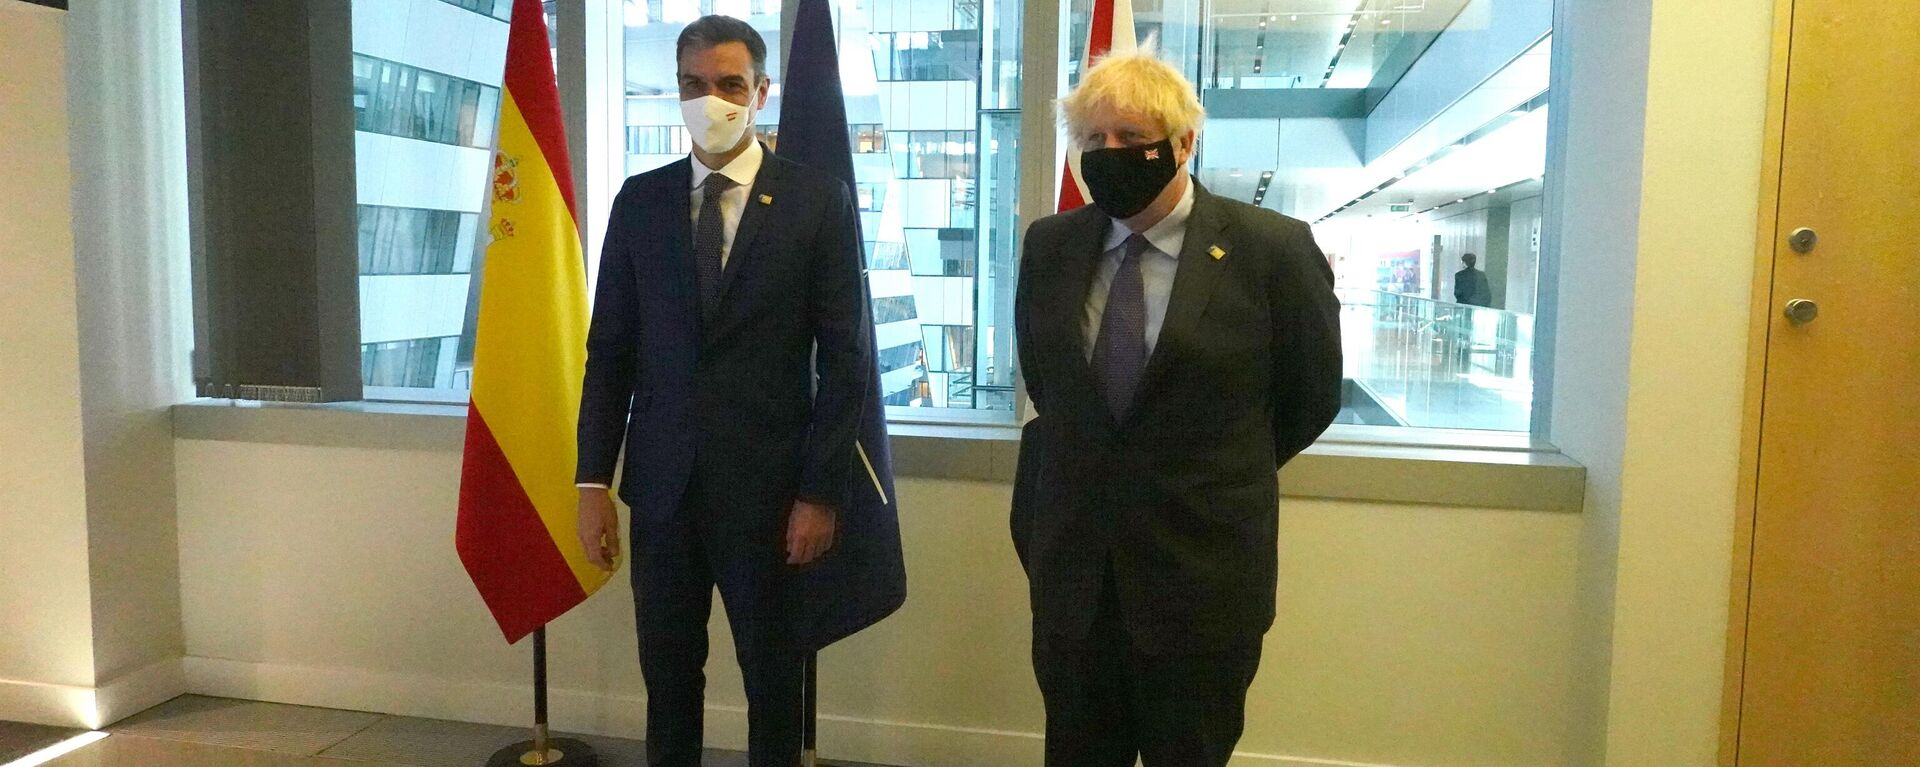 El presidente del Gobierno de España, Pedro Sánchez, y el primer ministro británico, Boris Johnson - Sputnik Mundo, 1920, 14.06.2021